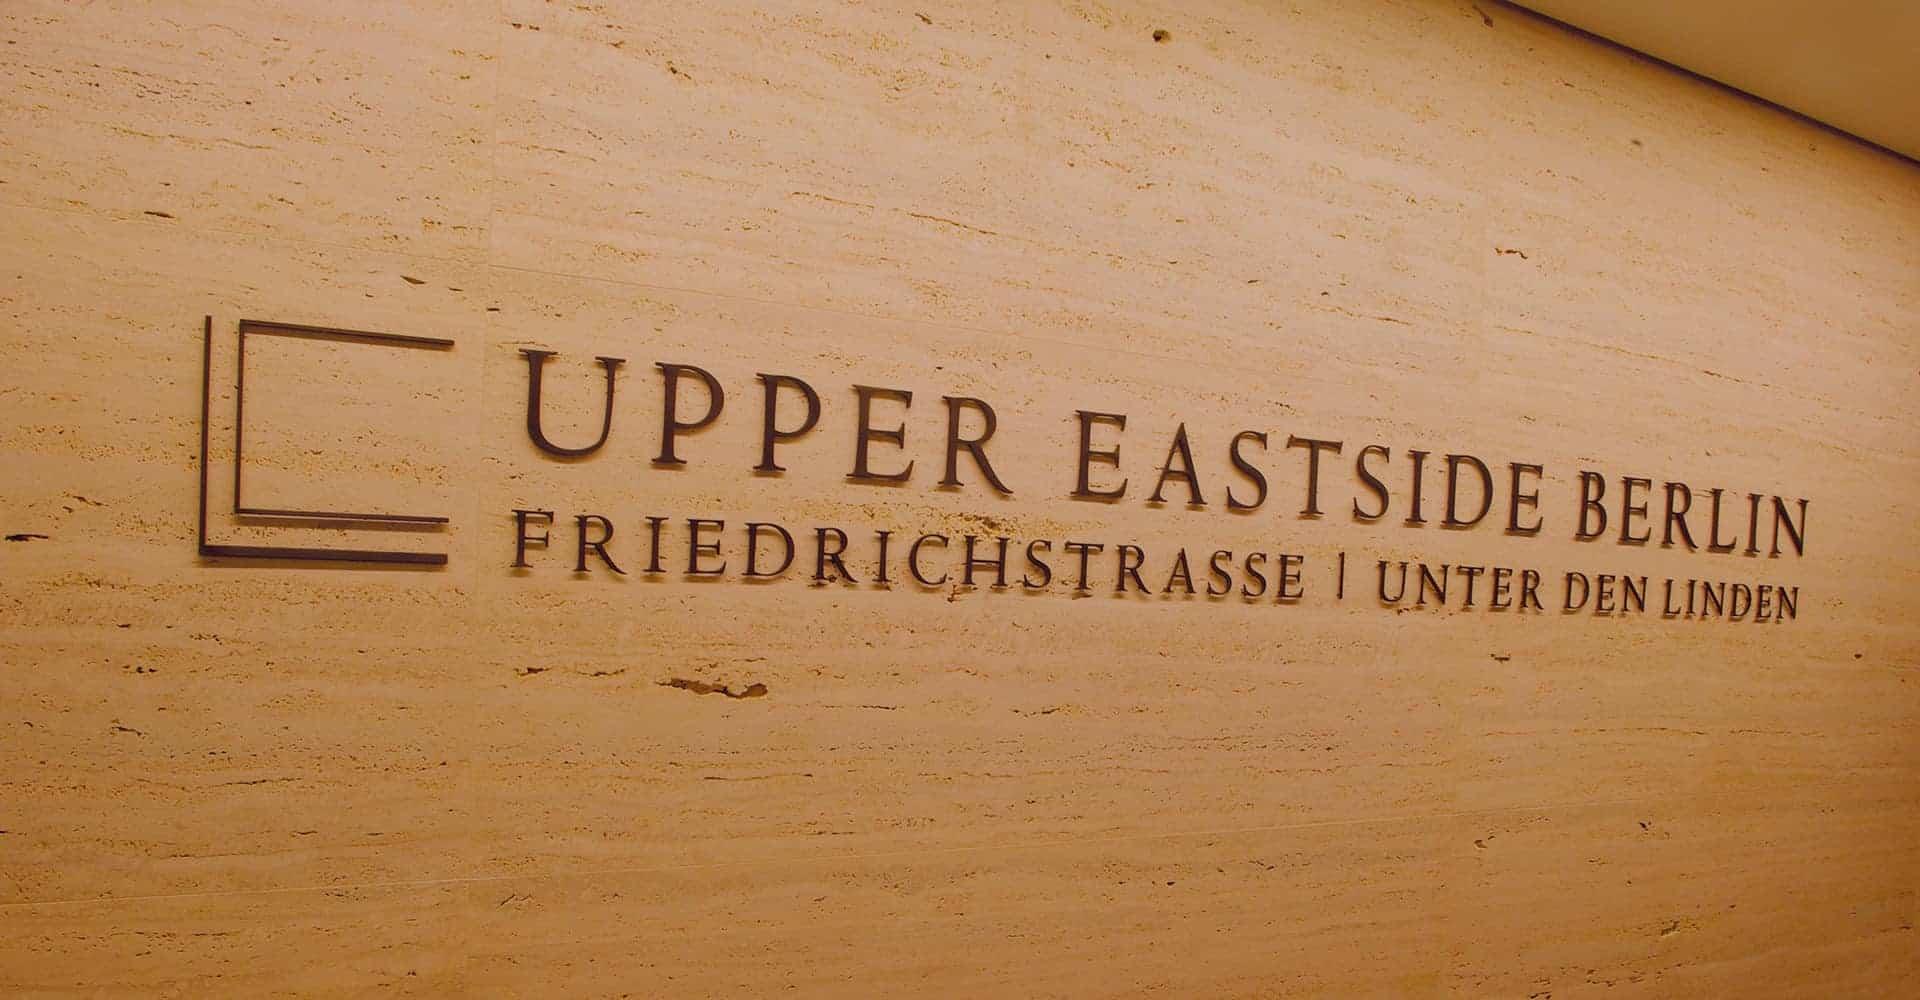 UPPER EASTSIDE BERLIN | INNENARCHITEKTUR SHOWROOM | Konzeption des Präsentationsbereiches in Berlin Zu unseren Aufgaben gehörte die Entwicklung des Raumdesigns, die Bodenverlegung mit Designerbelag, die Wandverkleidung mit Natursetin sowie die Büroausstattung. Außerdem wurden wir mit der Auswahl und Lieferung der Beleuchtung betraut.